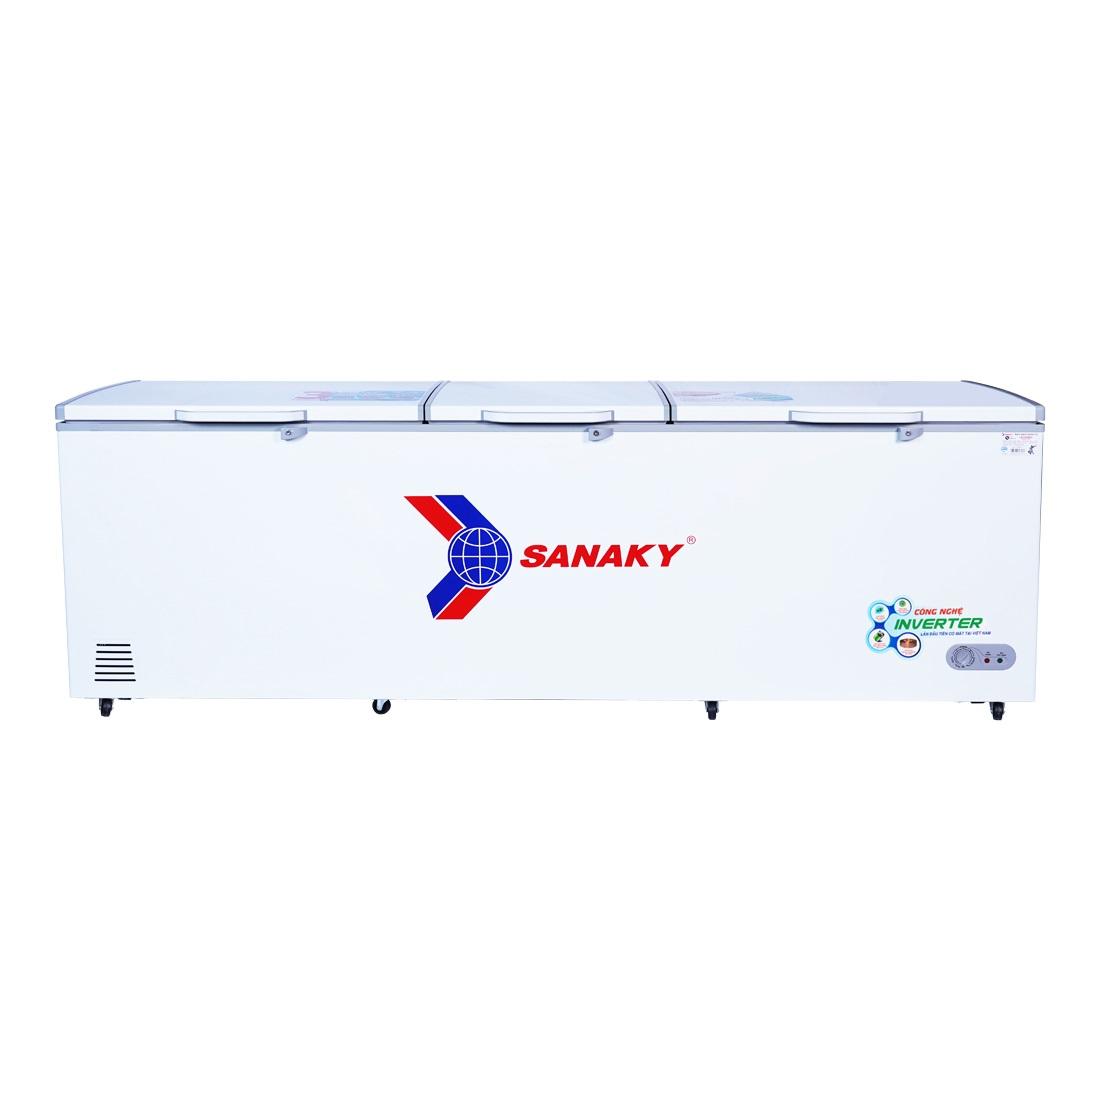 TỦ ĐÔNG INVERTER SANAKY VH-1199HY3 900 LÍT ĐỒNG